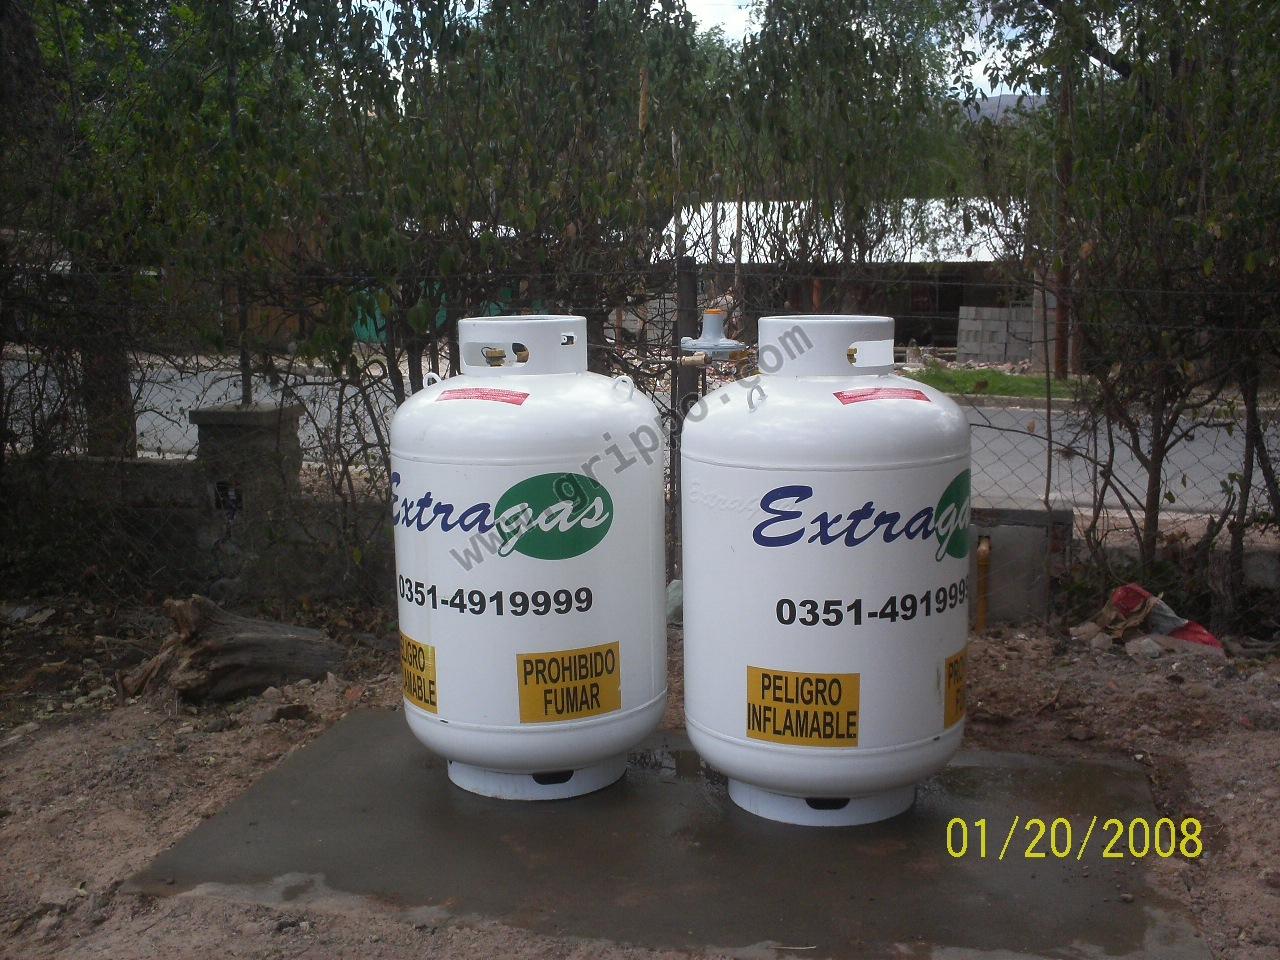 tanques de gas propano a granel en comodato extragas